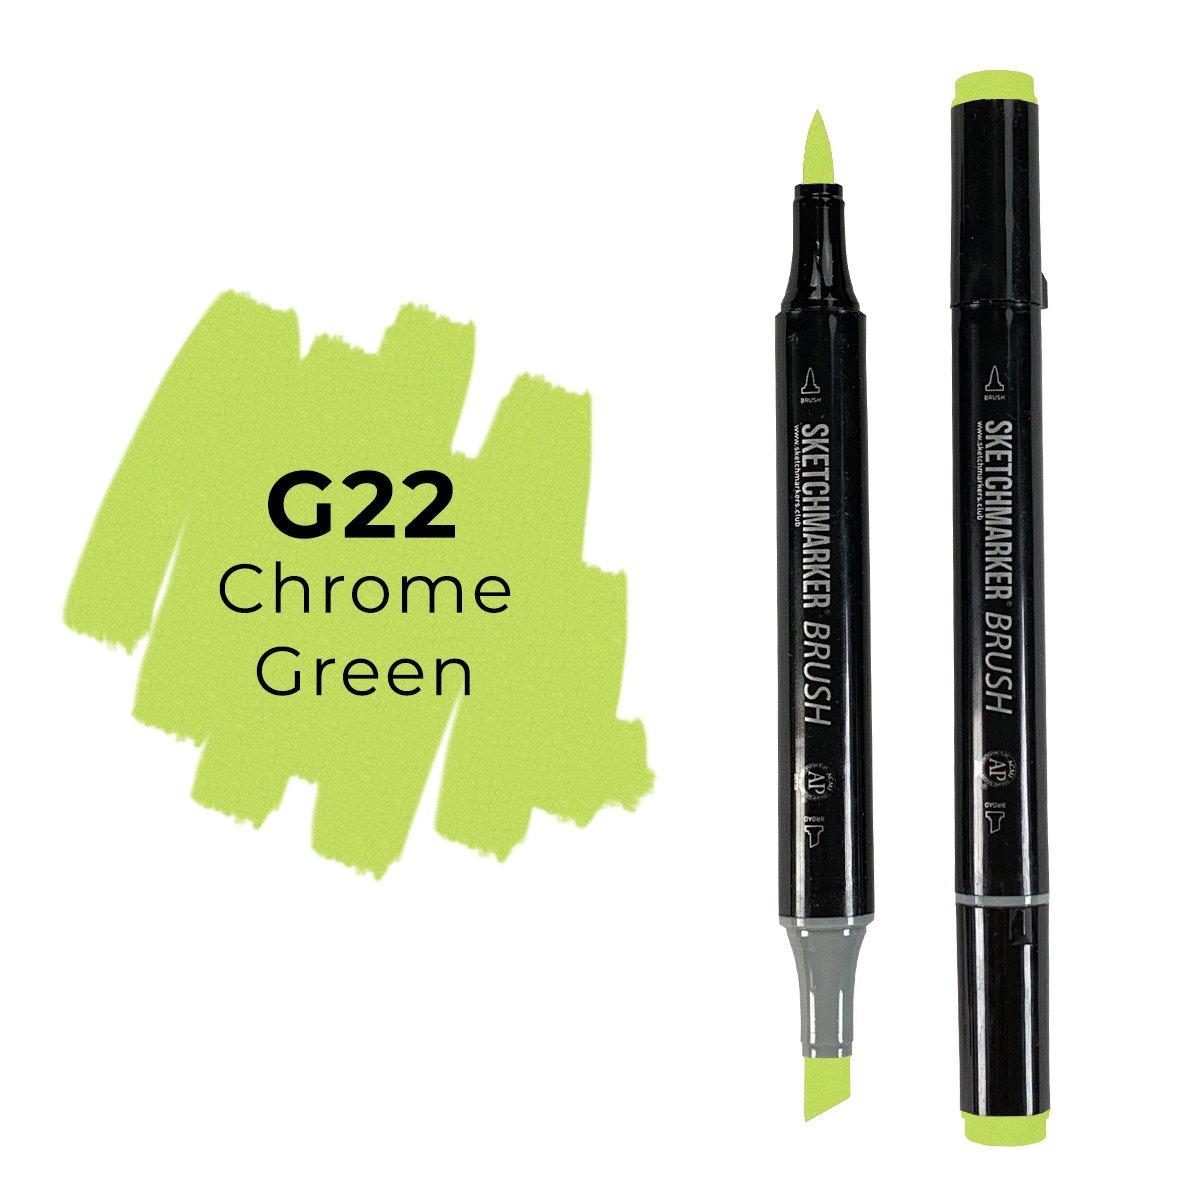 SKETCHMARKER BRUSH PRO Color: Chrome Green